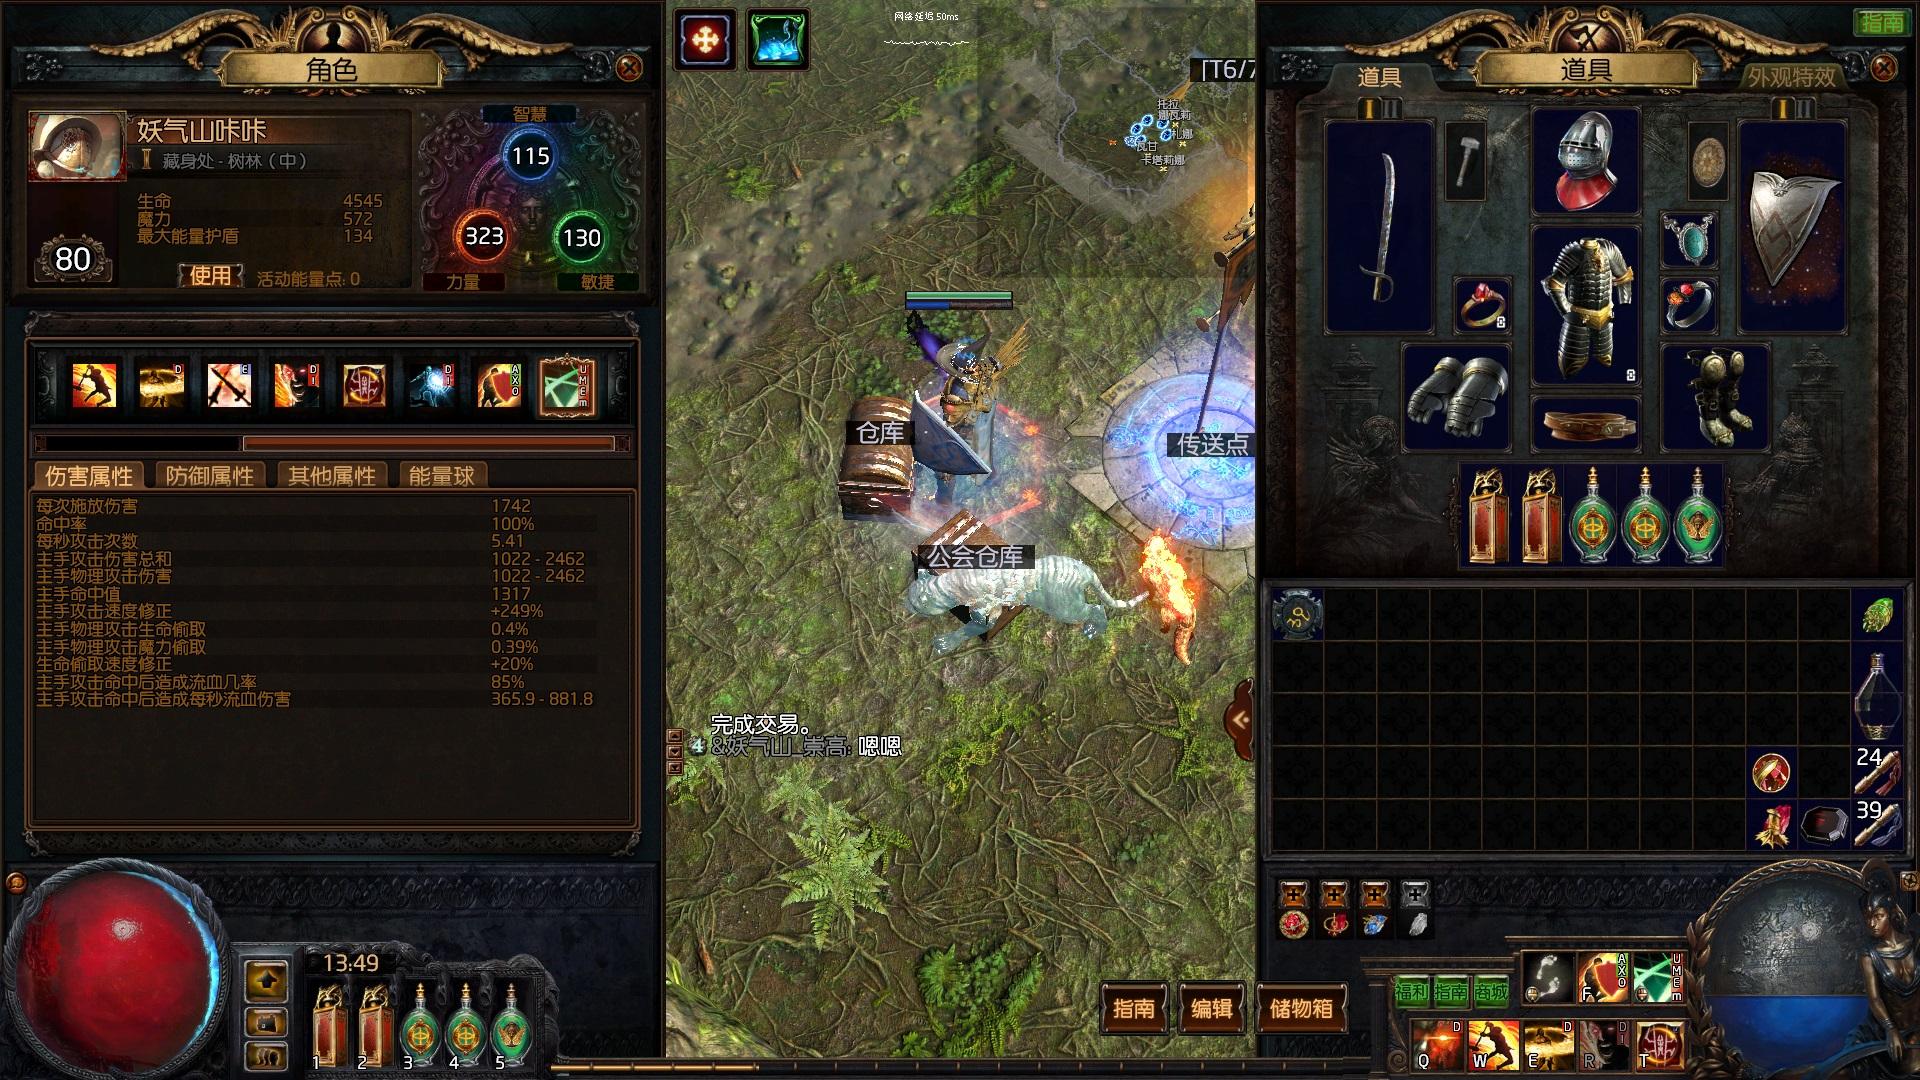 screenshot-0002.jpg